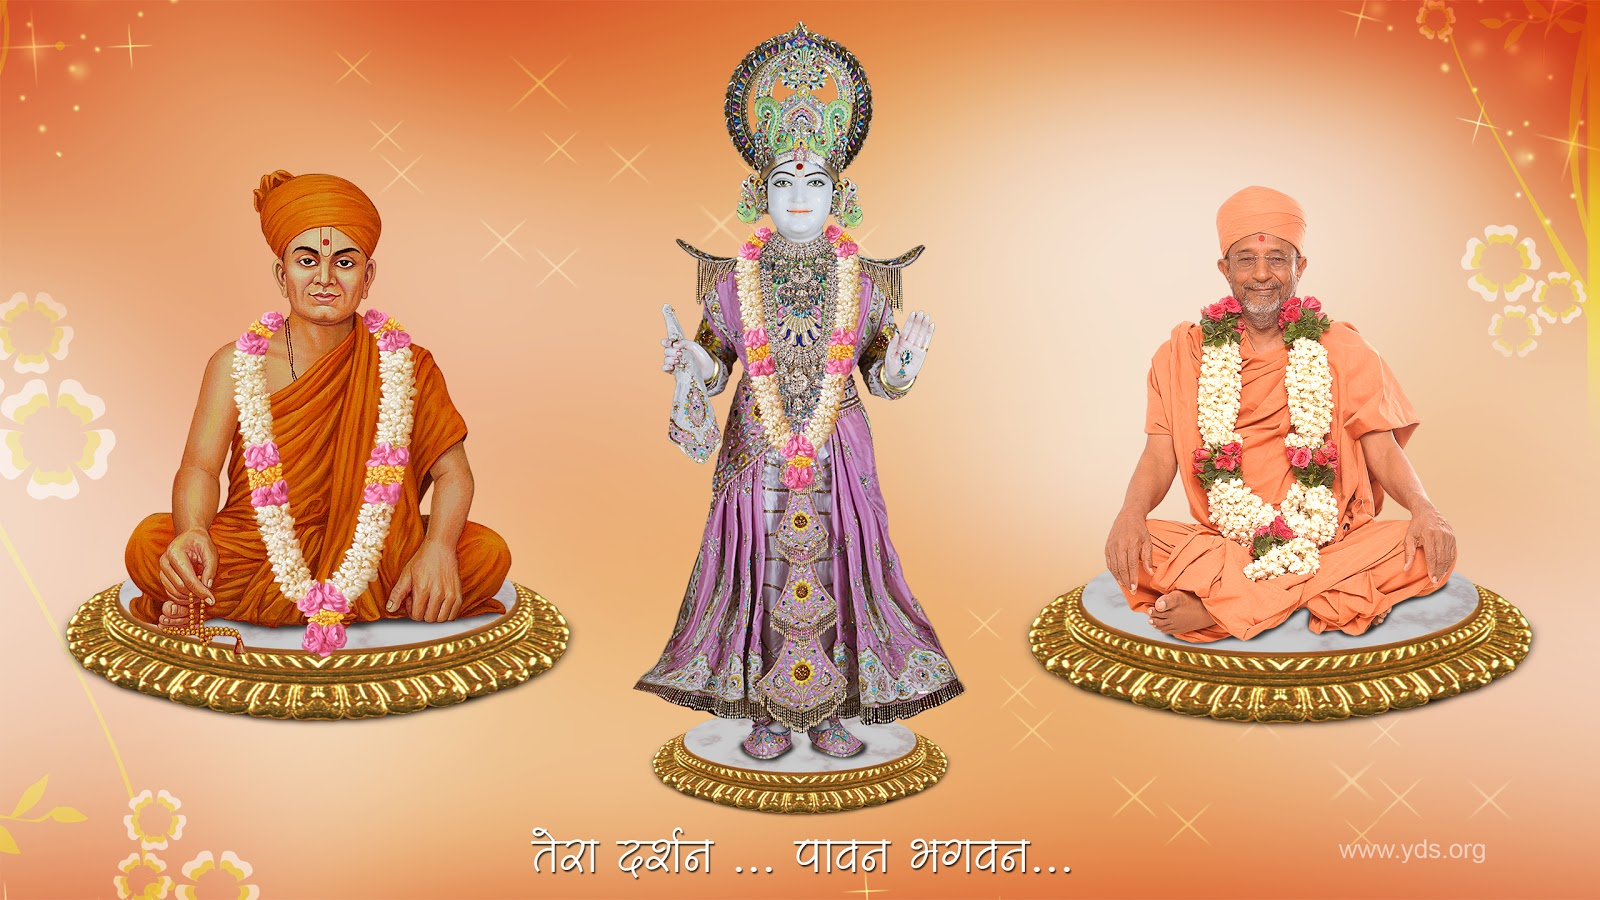 Baps Ghanshyam Maharaj Hd Wallpaper Shreeswaminarayanbhagwan Yds Wallpaper